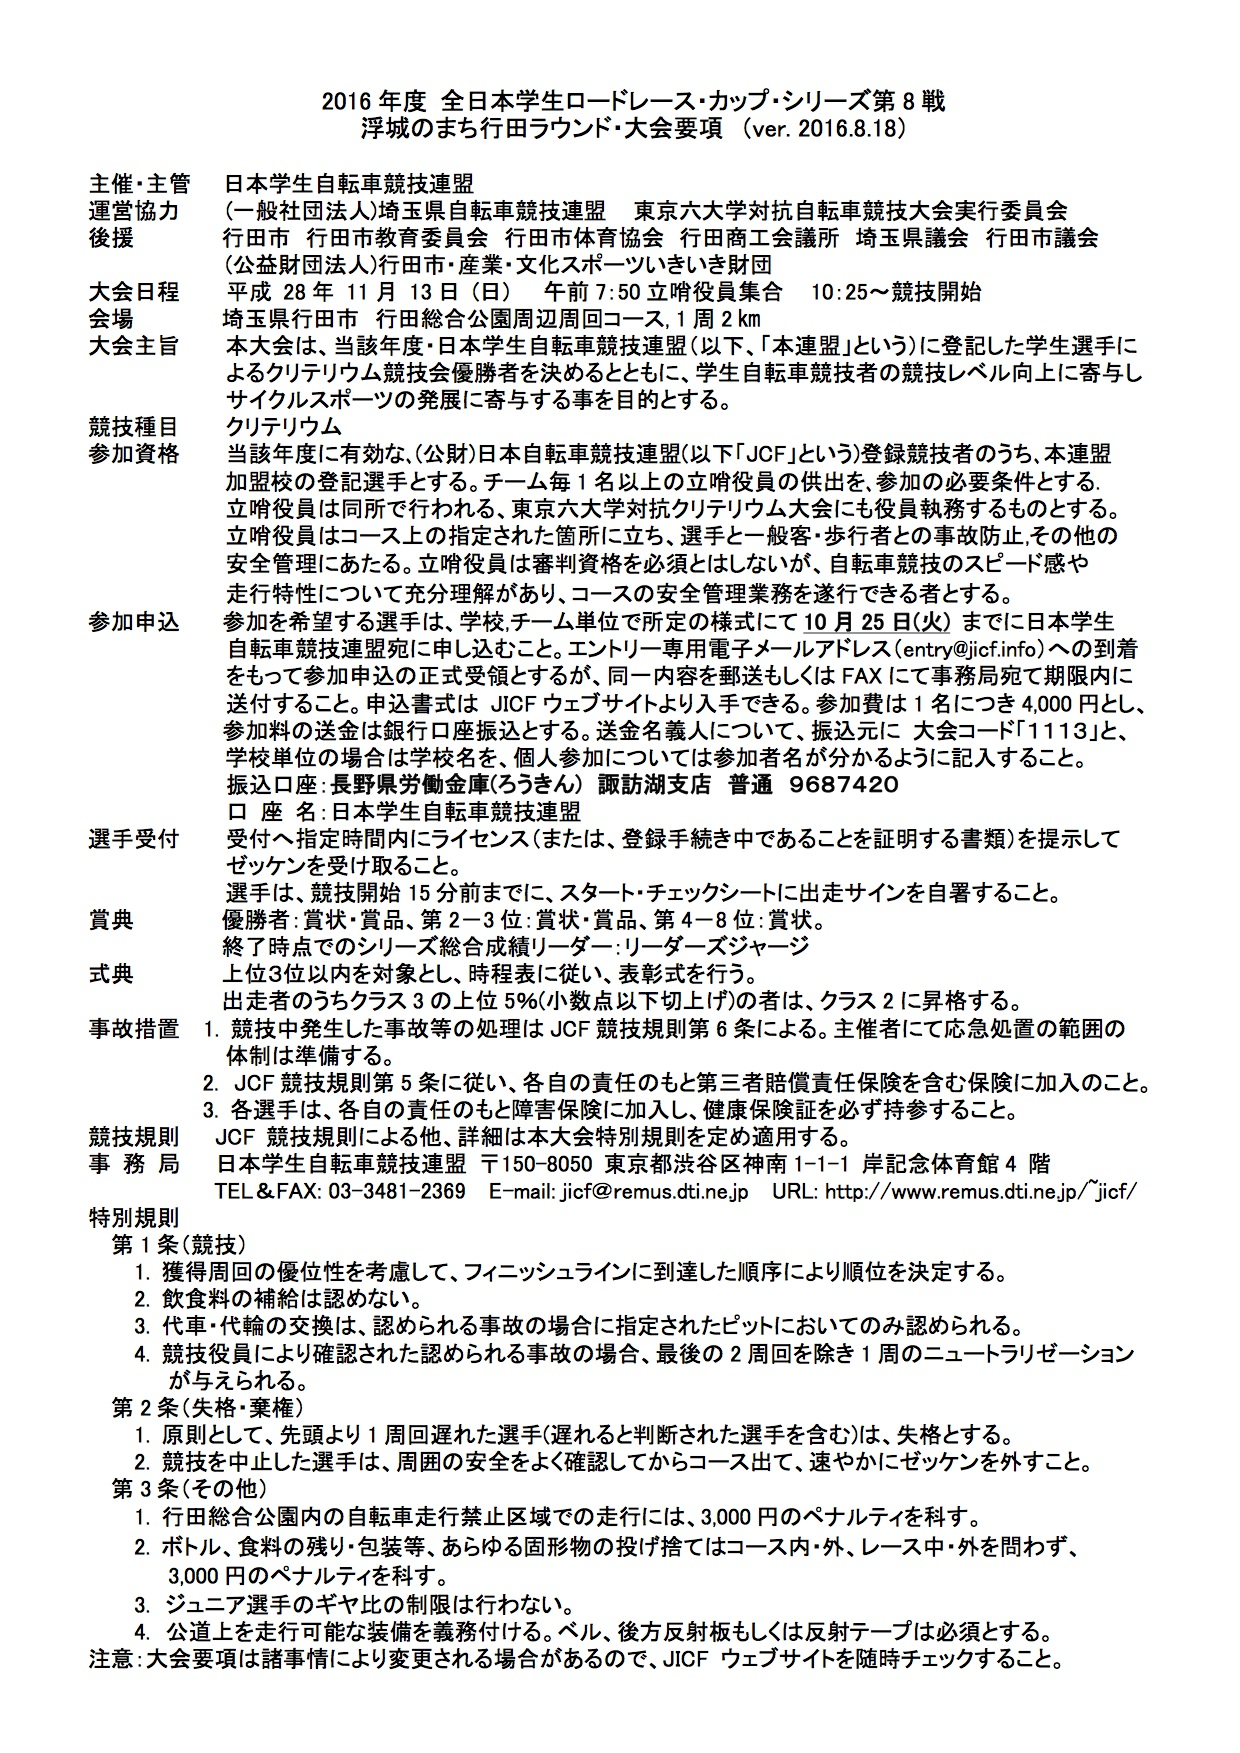 16rcs08_yoko_160818_01